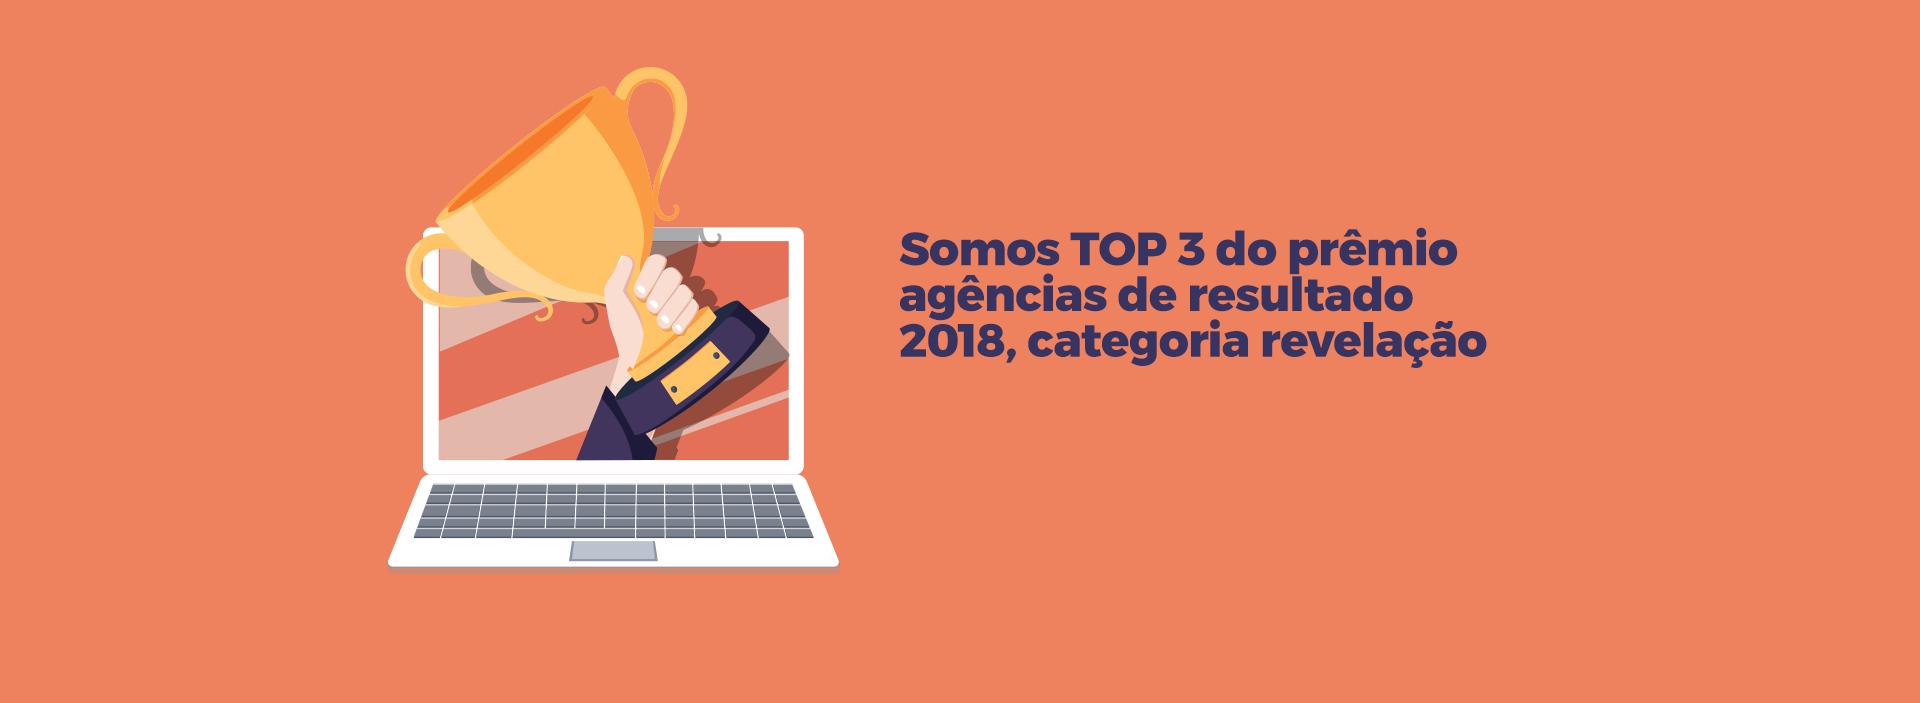 Somos TOP 3 do prêmio agências de resultado 2018, categoria revelação